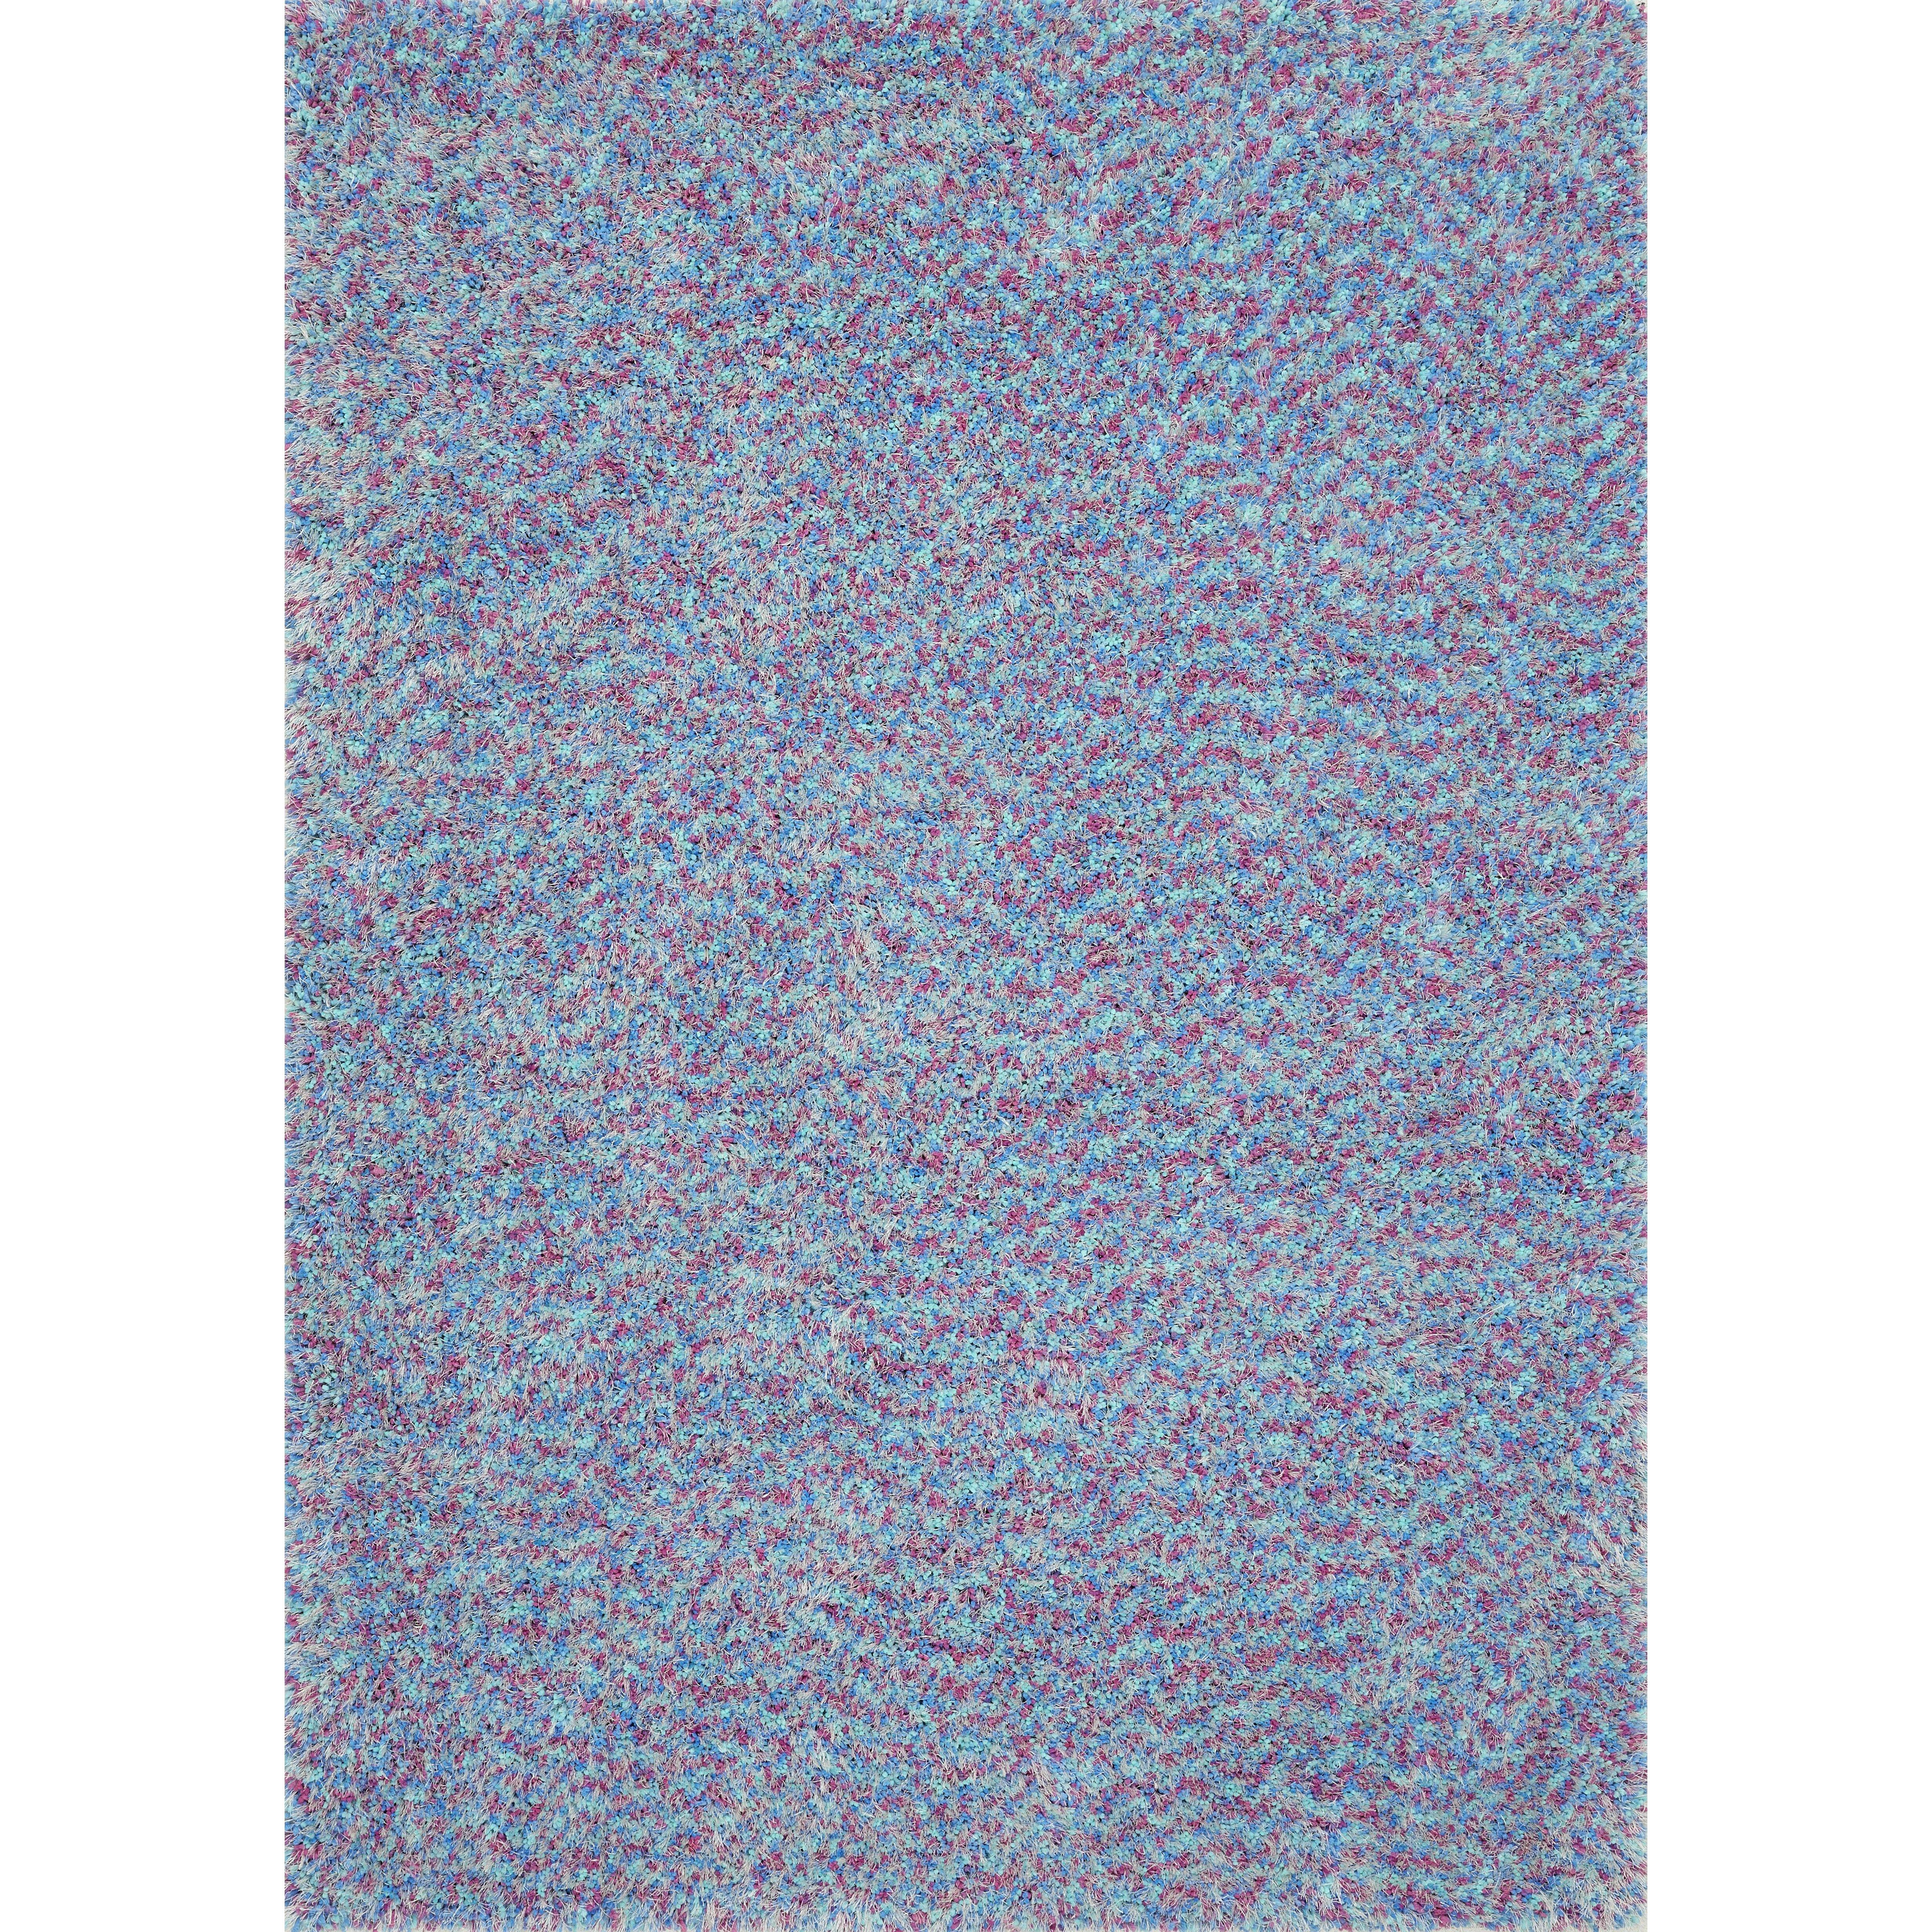 Innerspace Luxury Products Vivoli Purple And Blue Kids